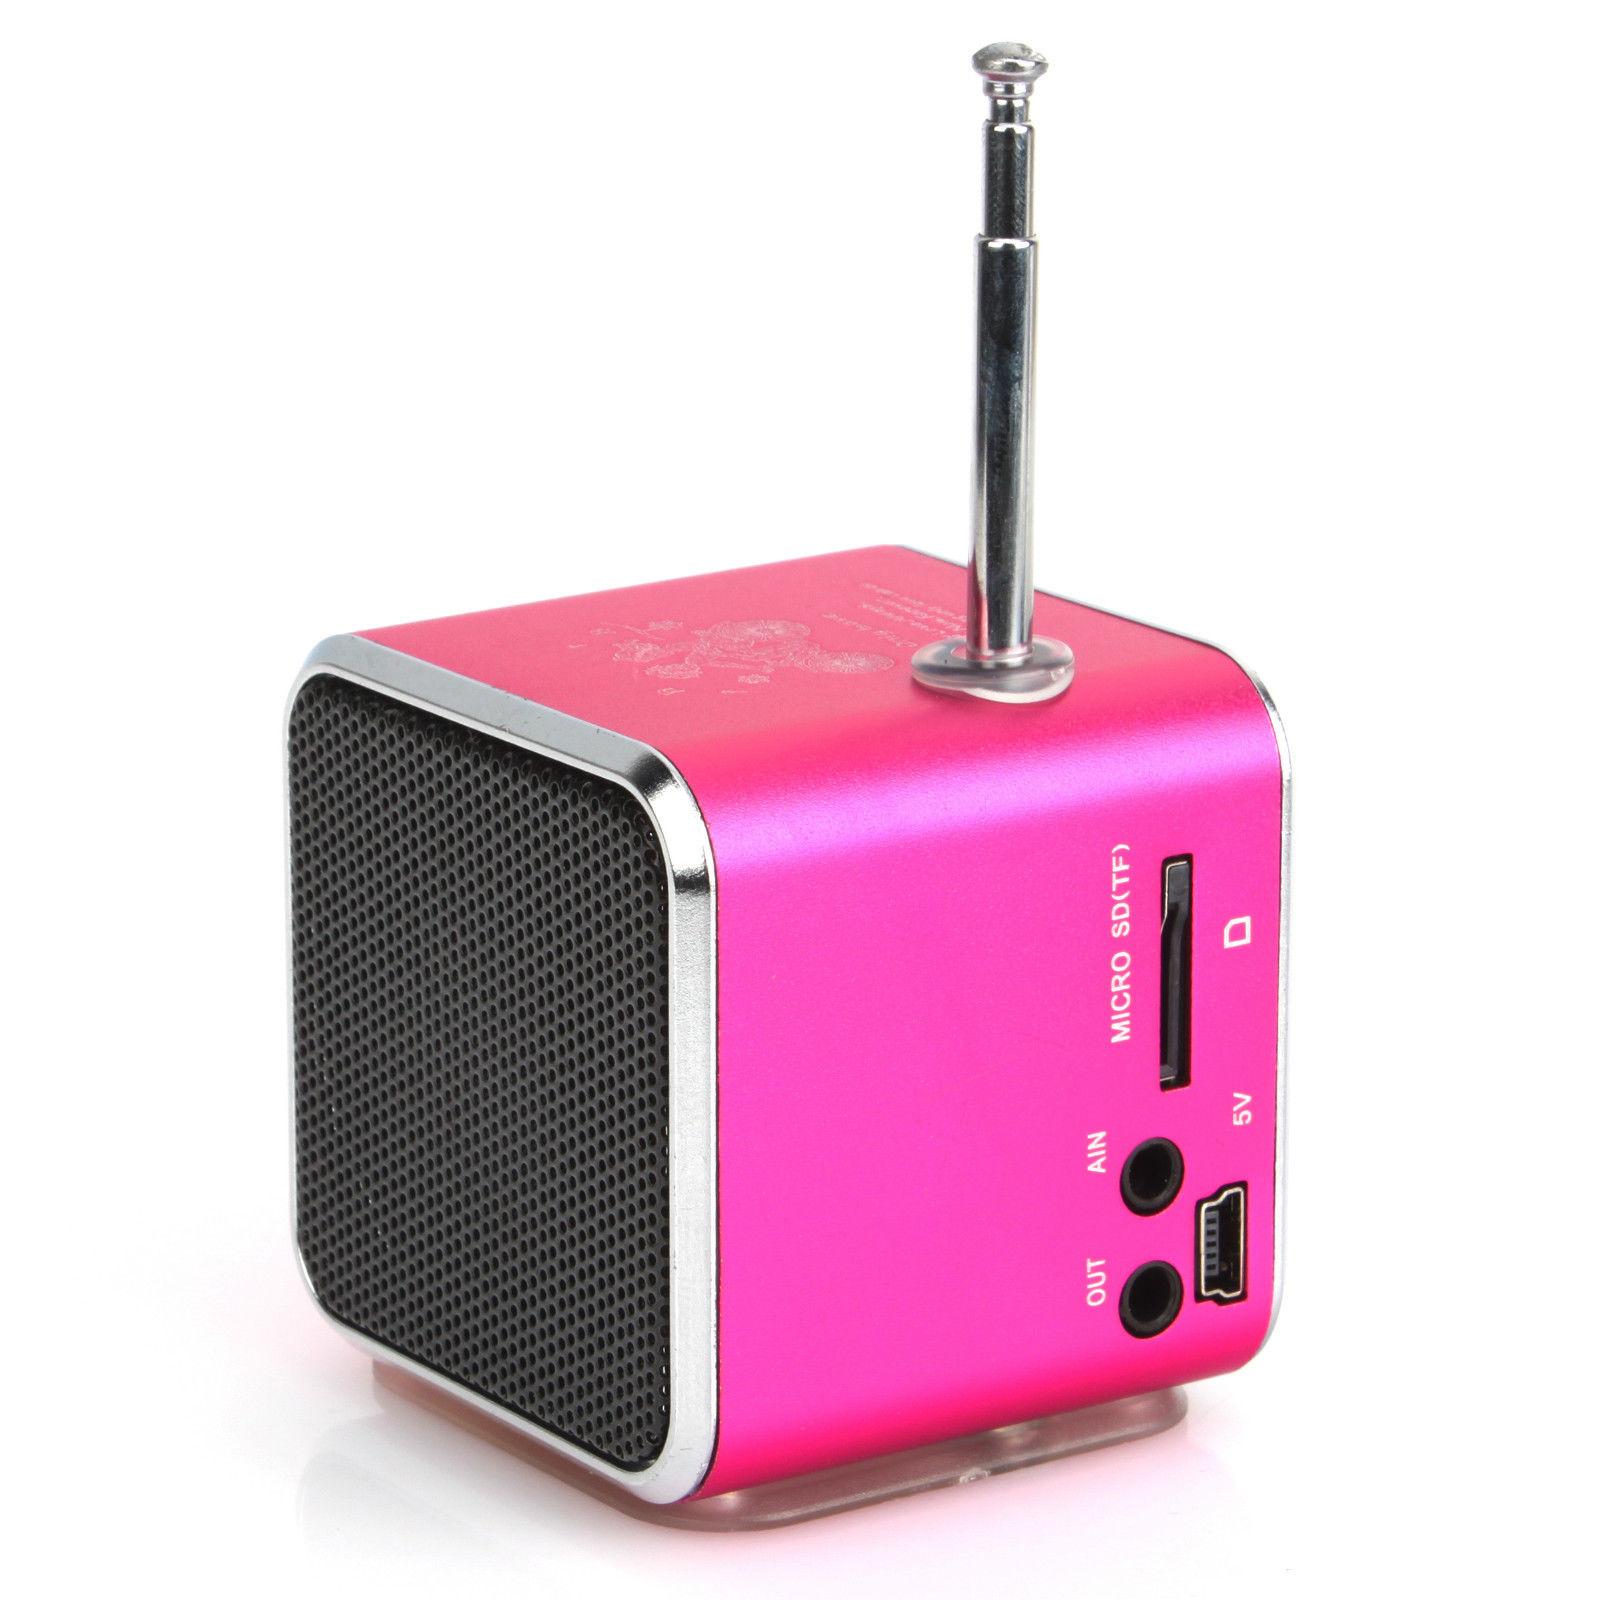 music jukebox speaker pendrive sd end 4 30 2018 5 15 pm. Black Bedroom Furniture Sets. Home Design Ideas